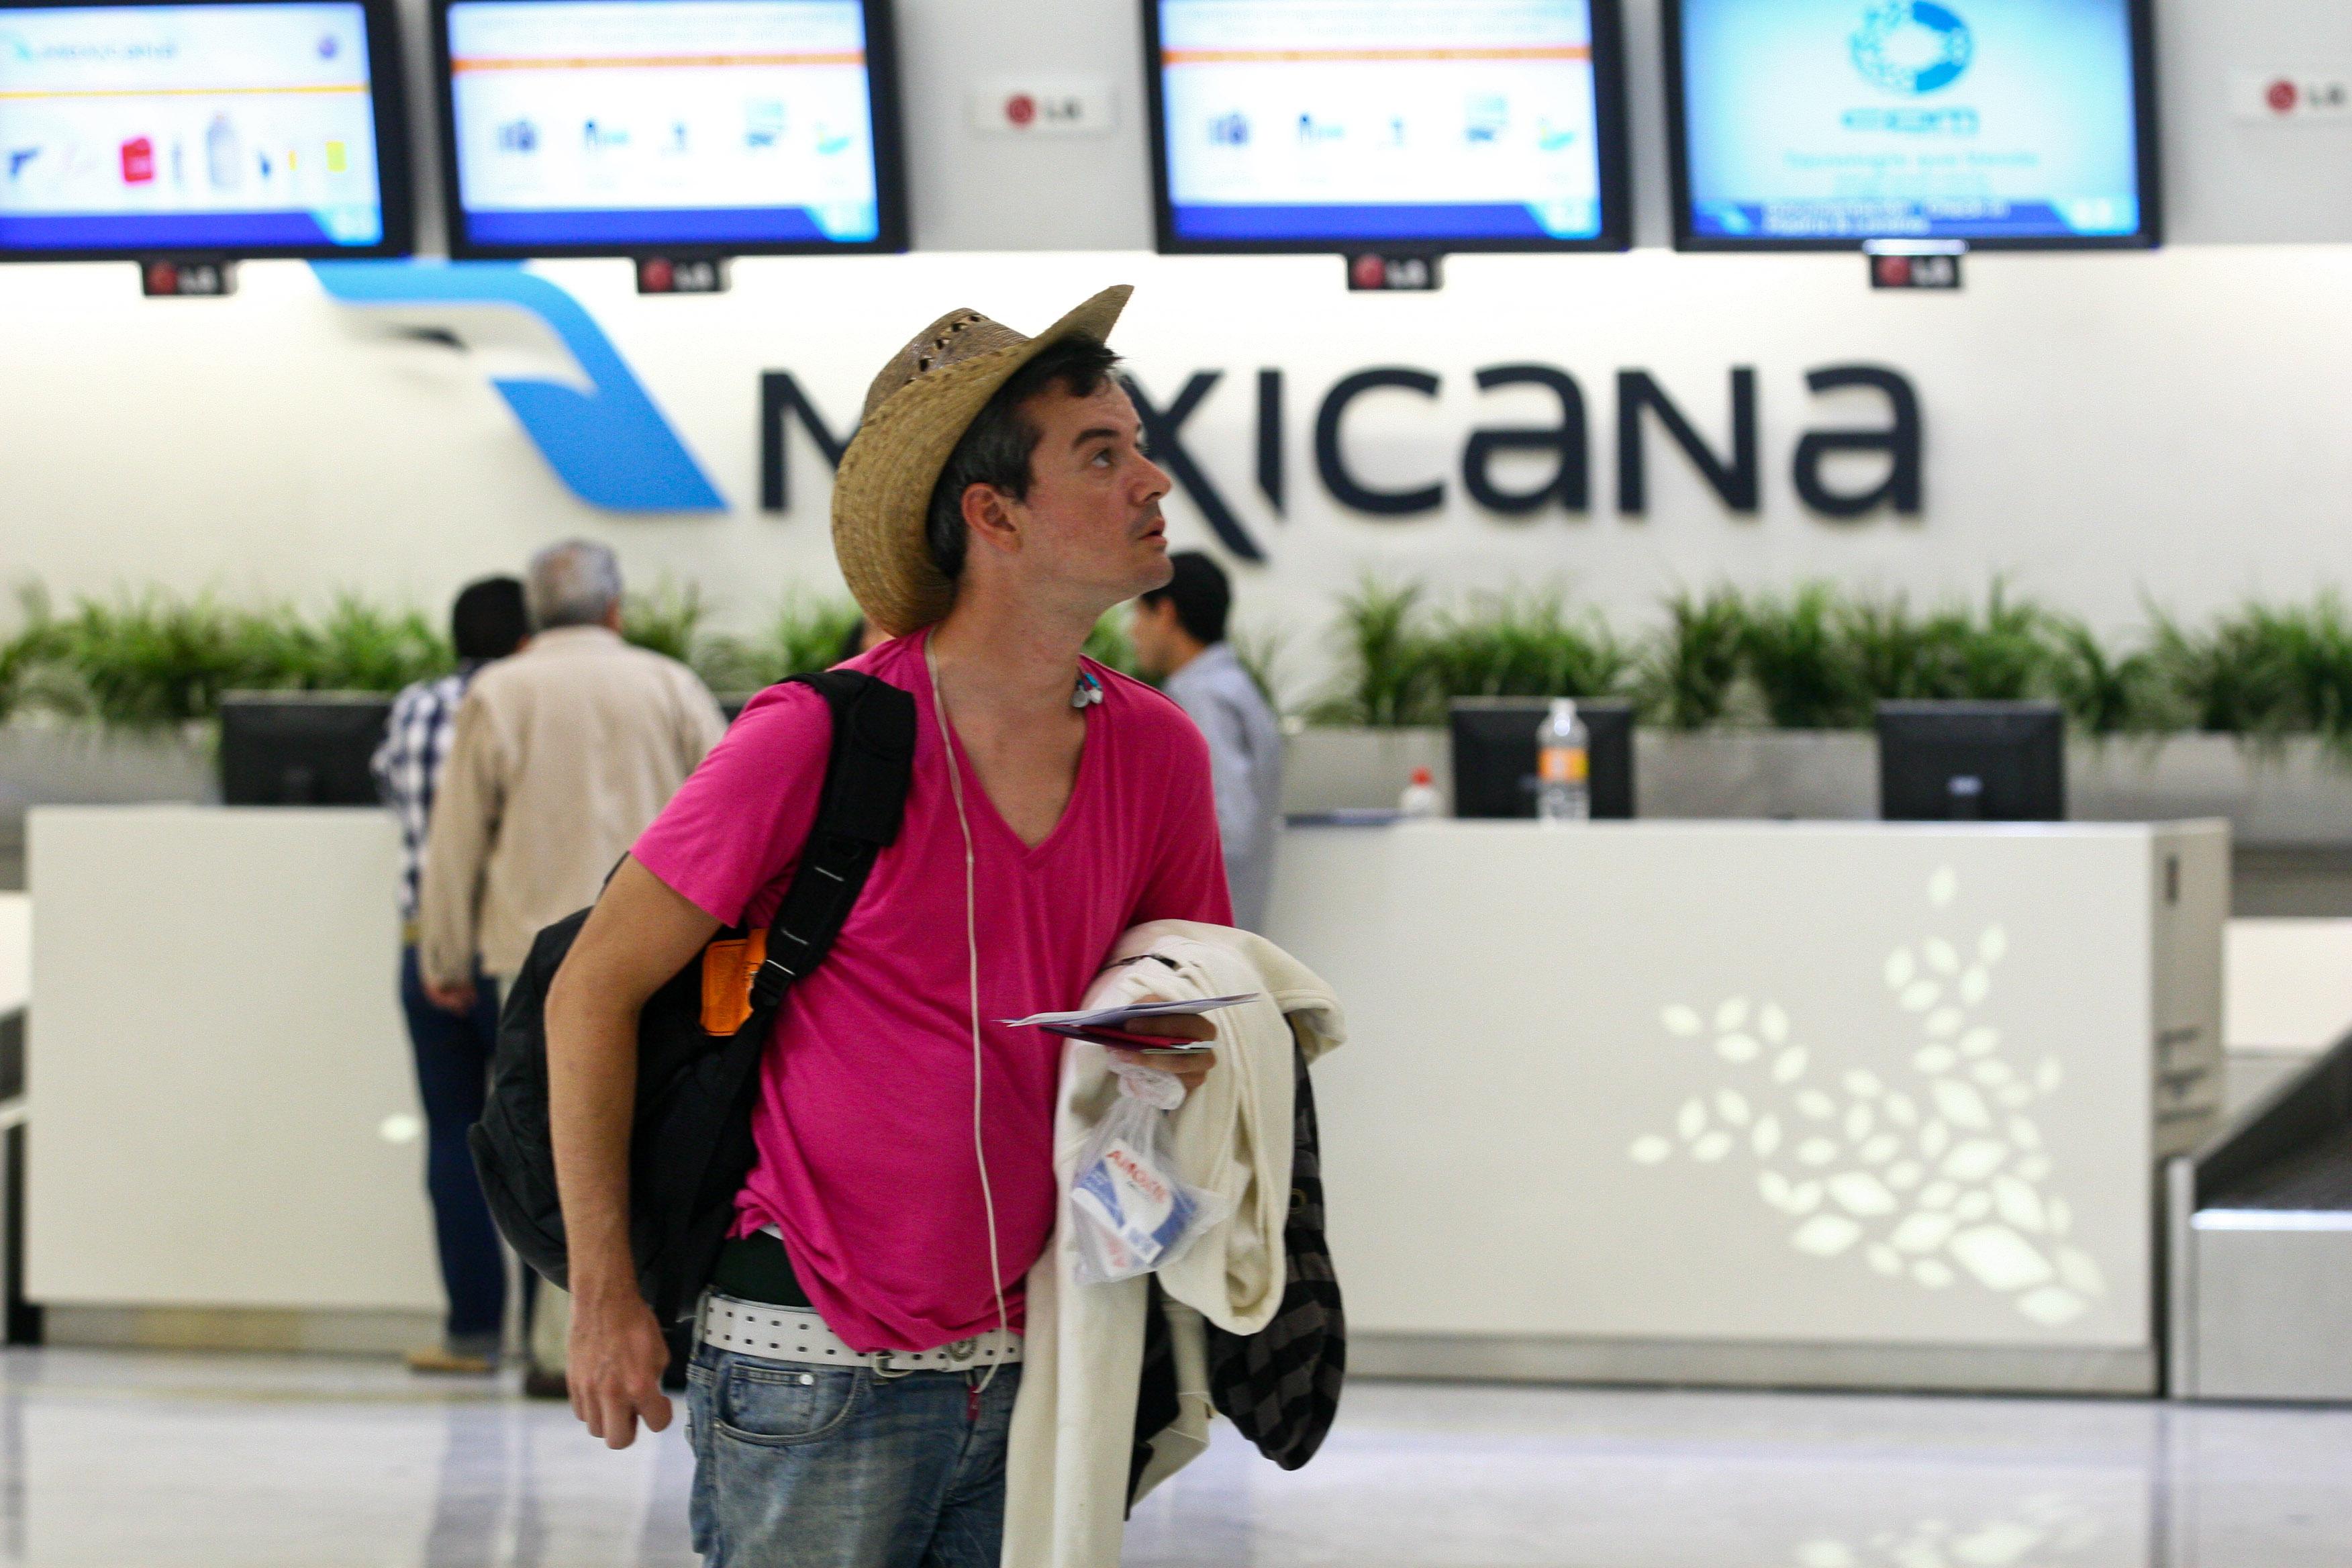 mostrador de Mexicana en aeropuerto